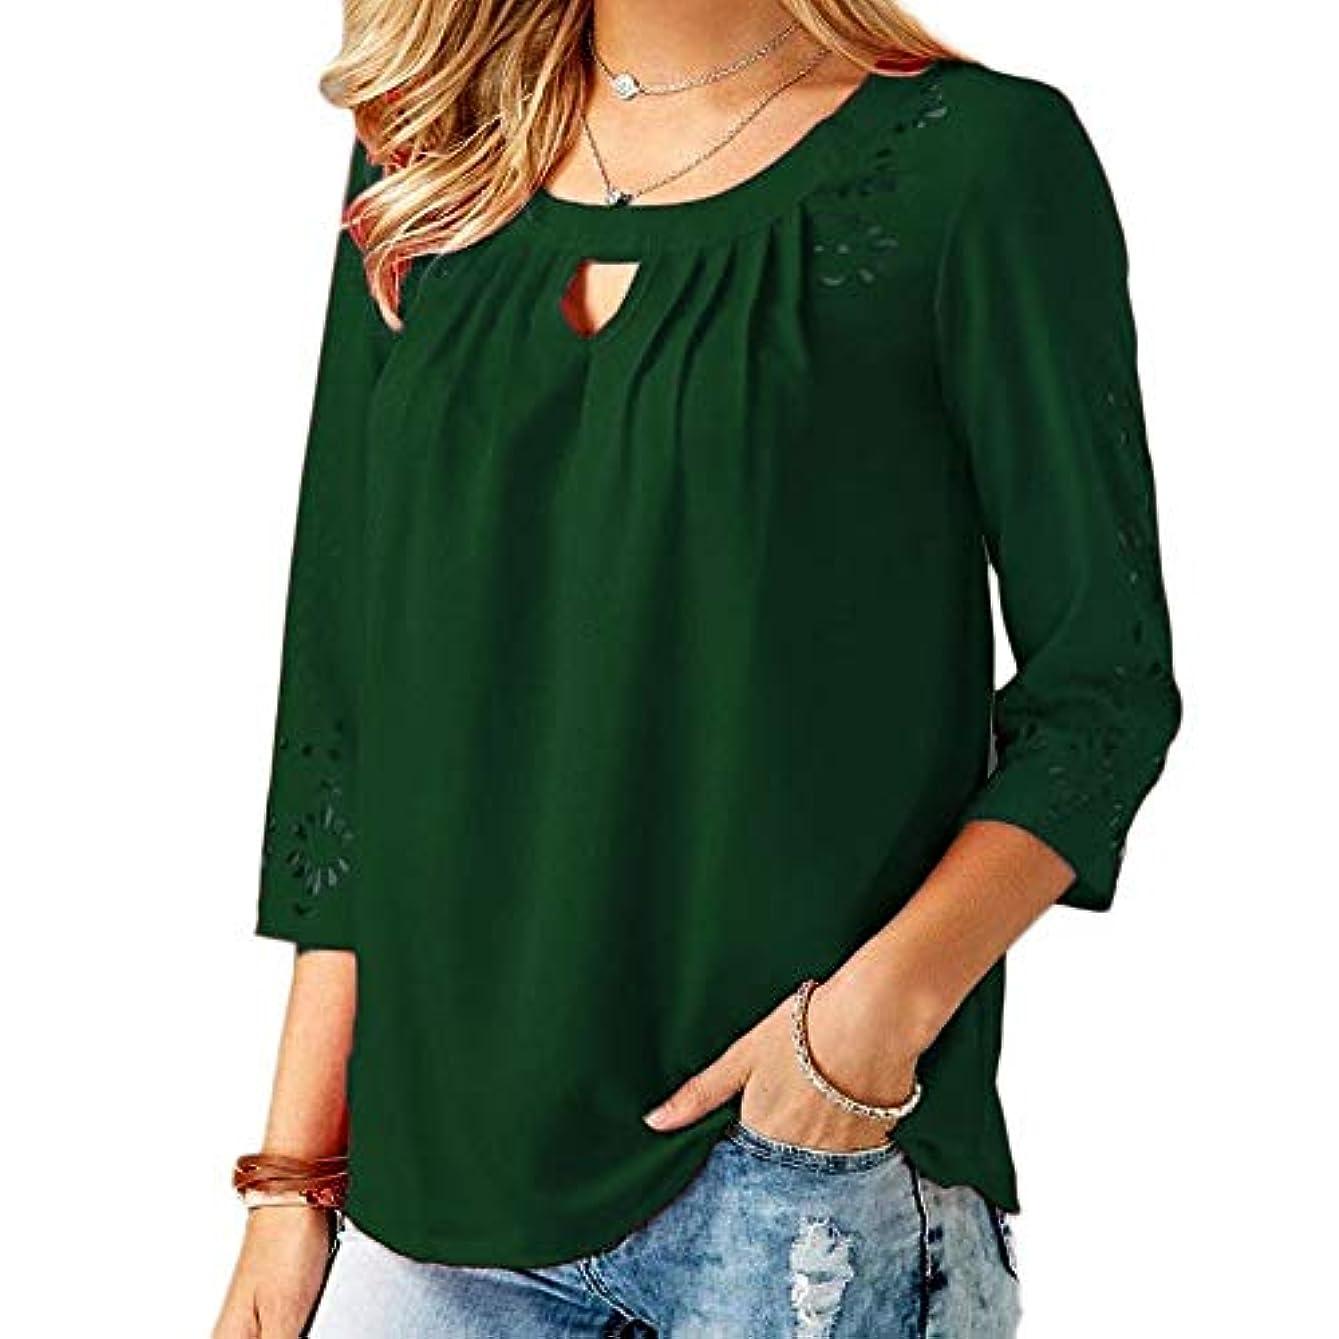 小康酸不安定MIFAN ゆったりTシャツ、シフォンシャツ、カジュアルシャツ、女性トップ、プラスサイズトップ